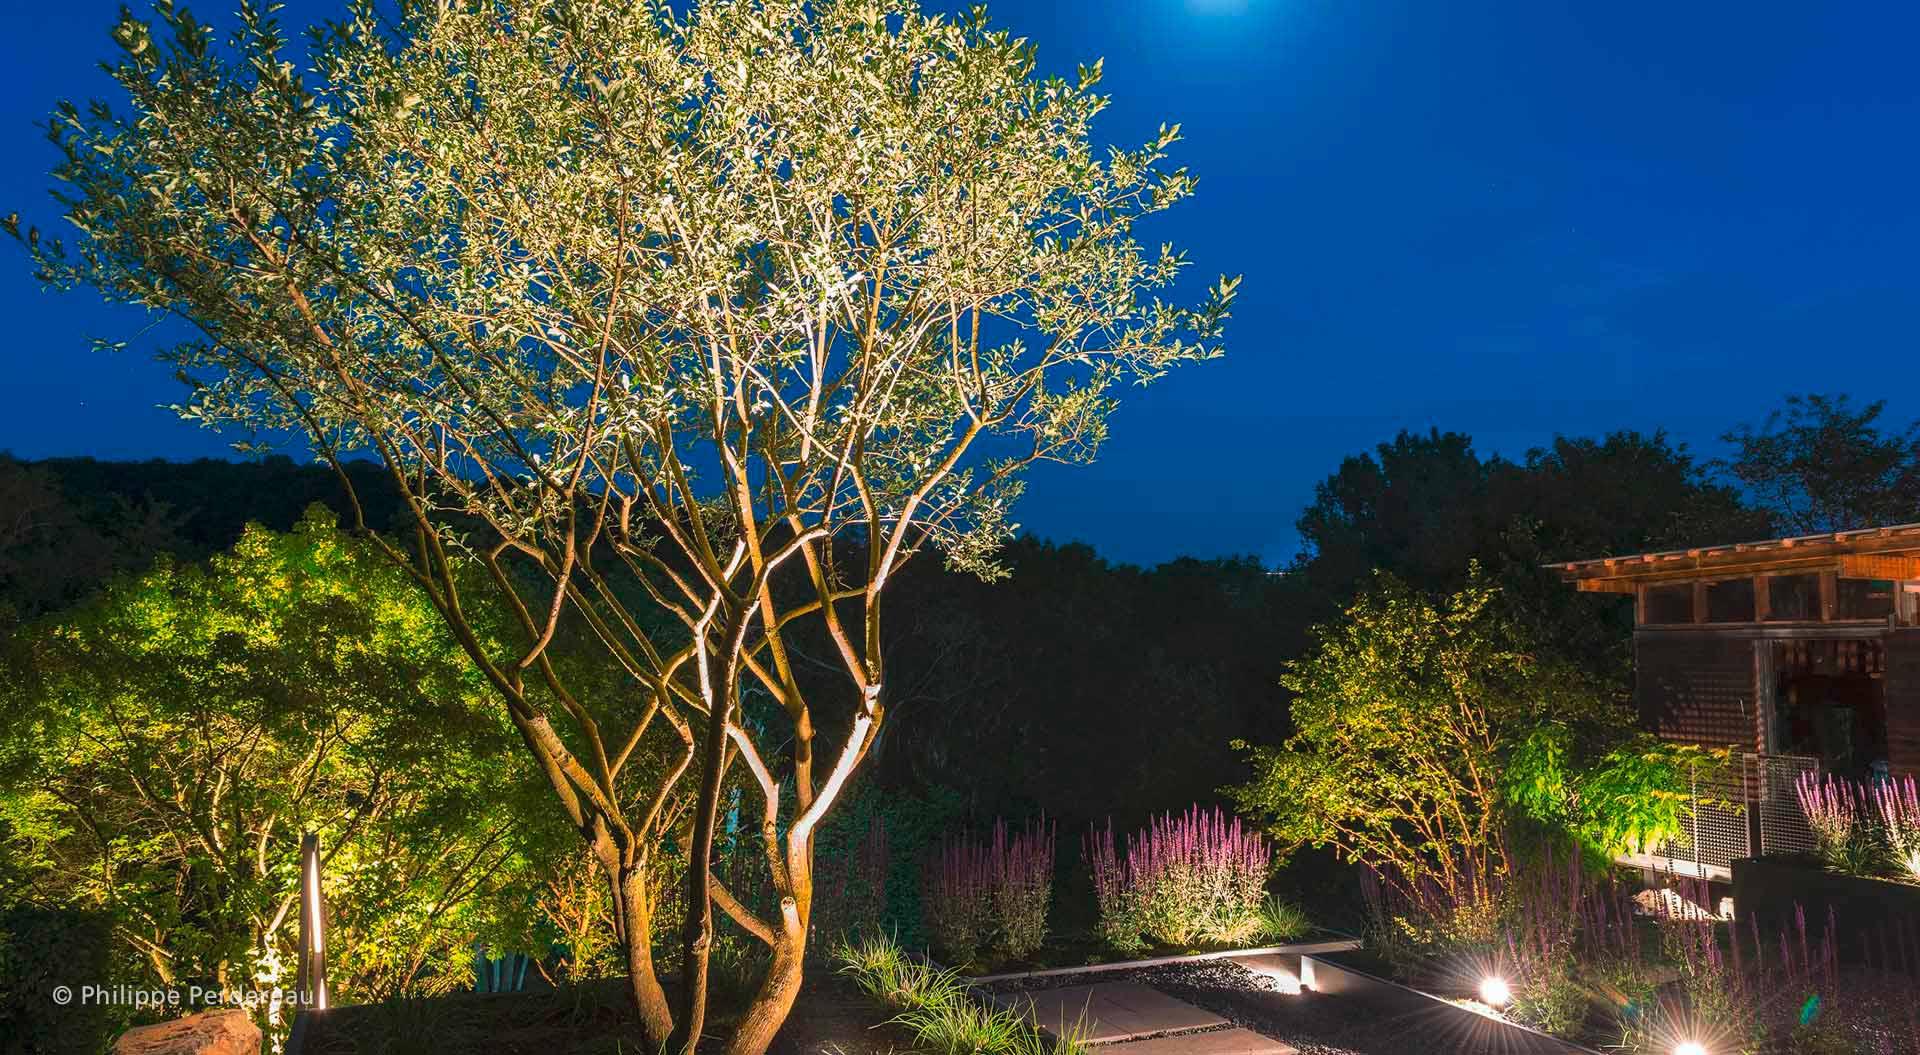 Hanggarten bei Nacht gut beleuchtet